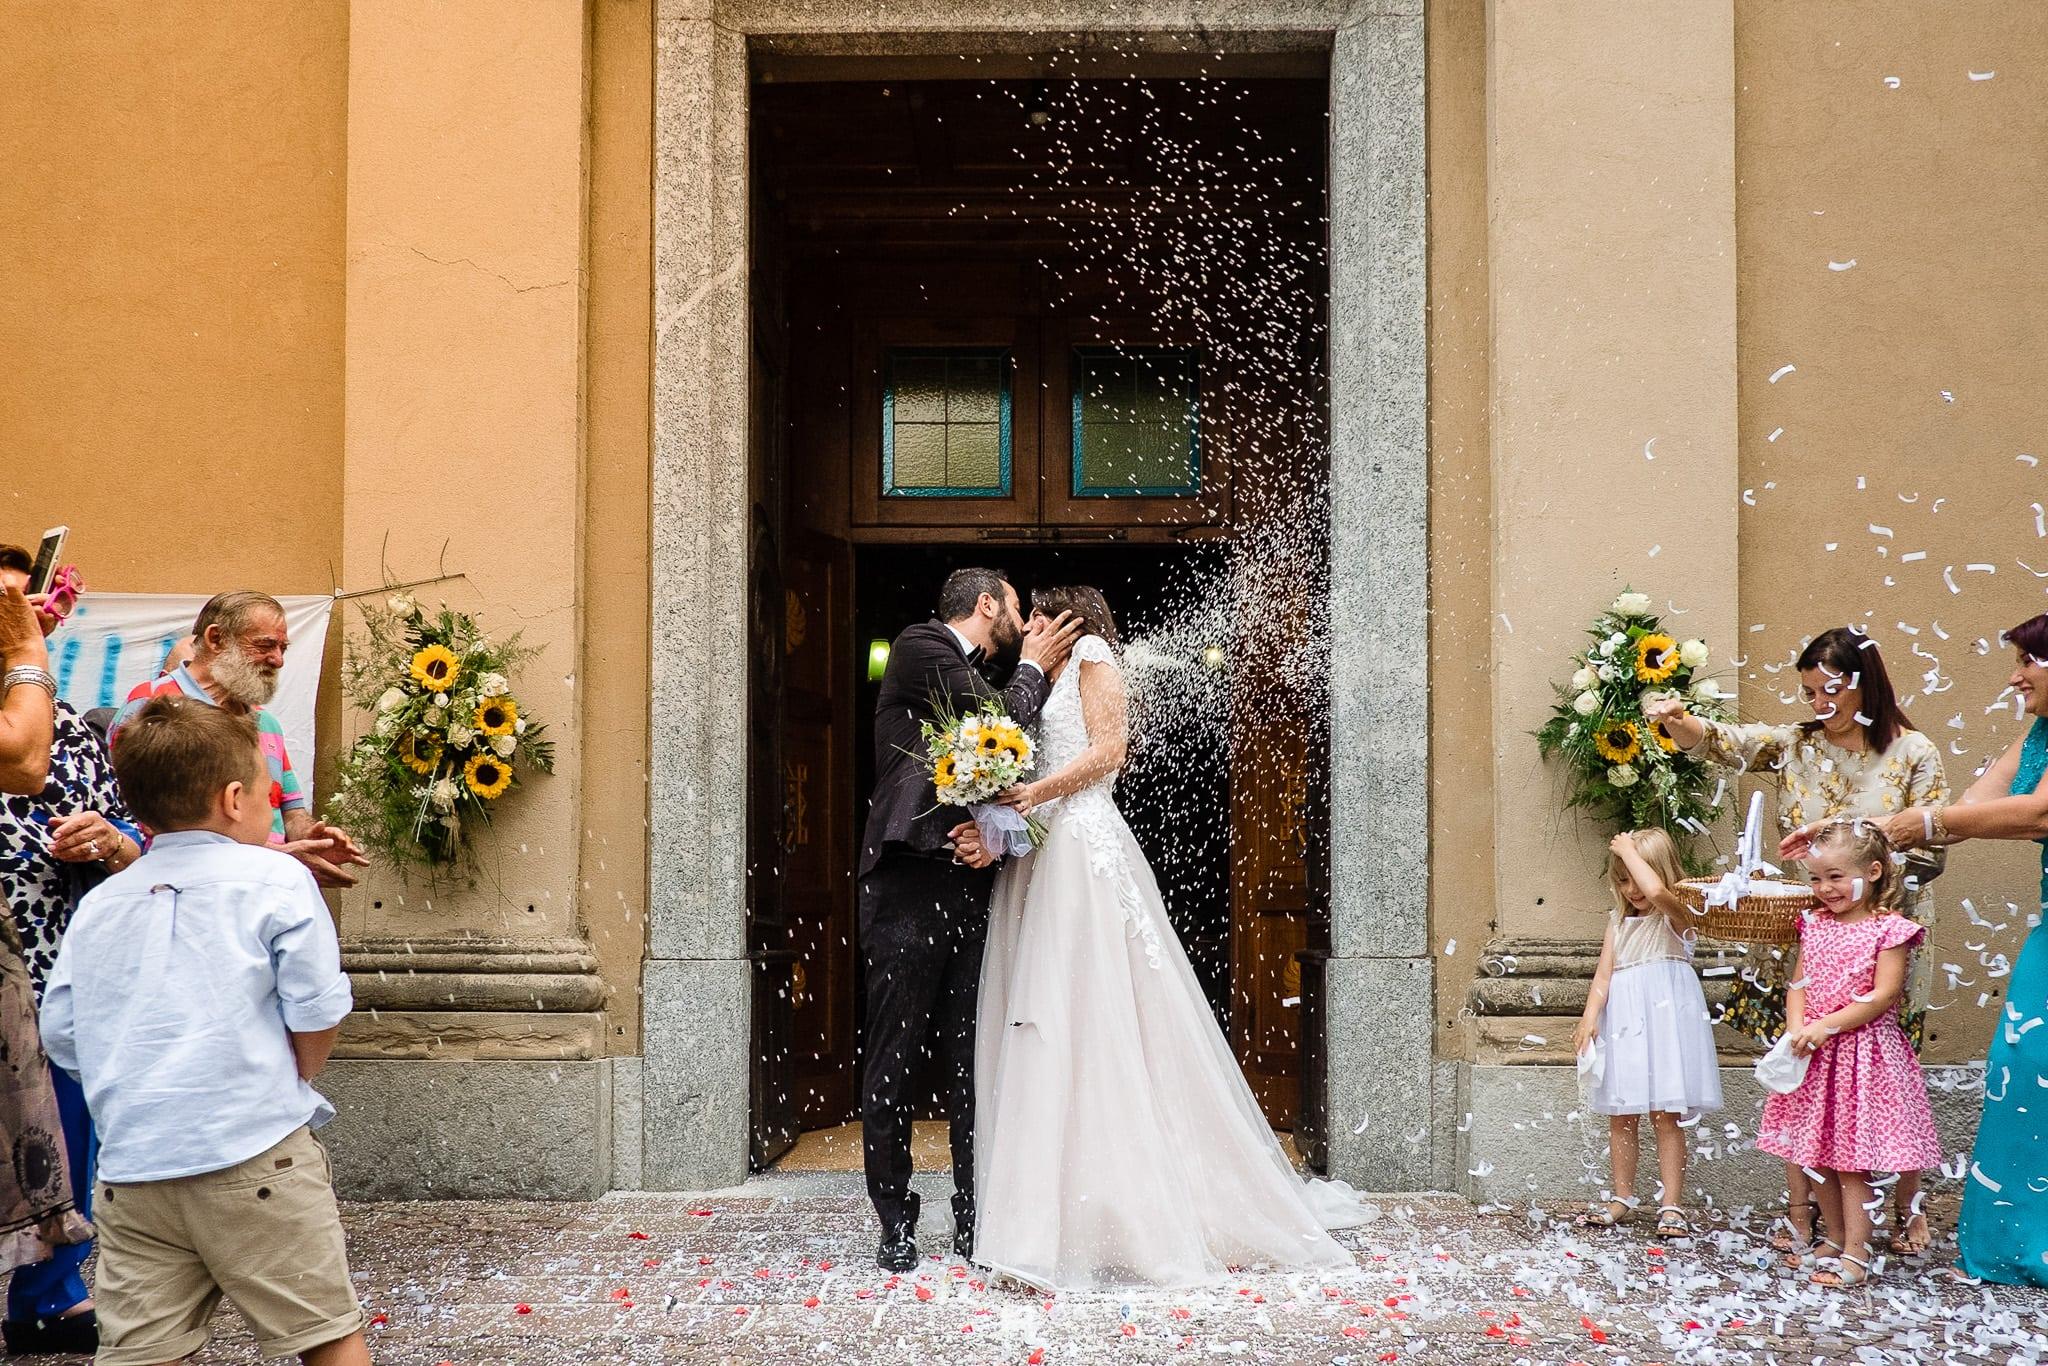 Matrimonio Lecco chiesa promessi sposi 58